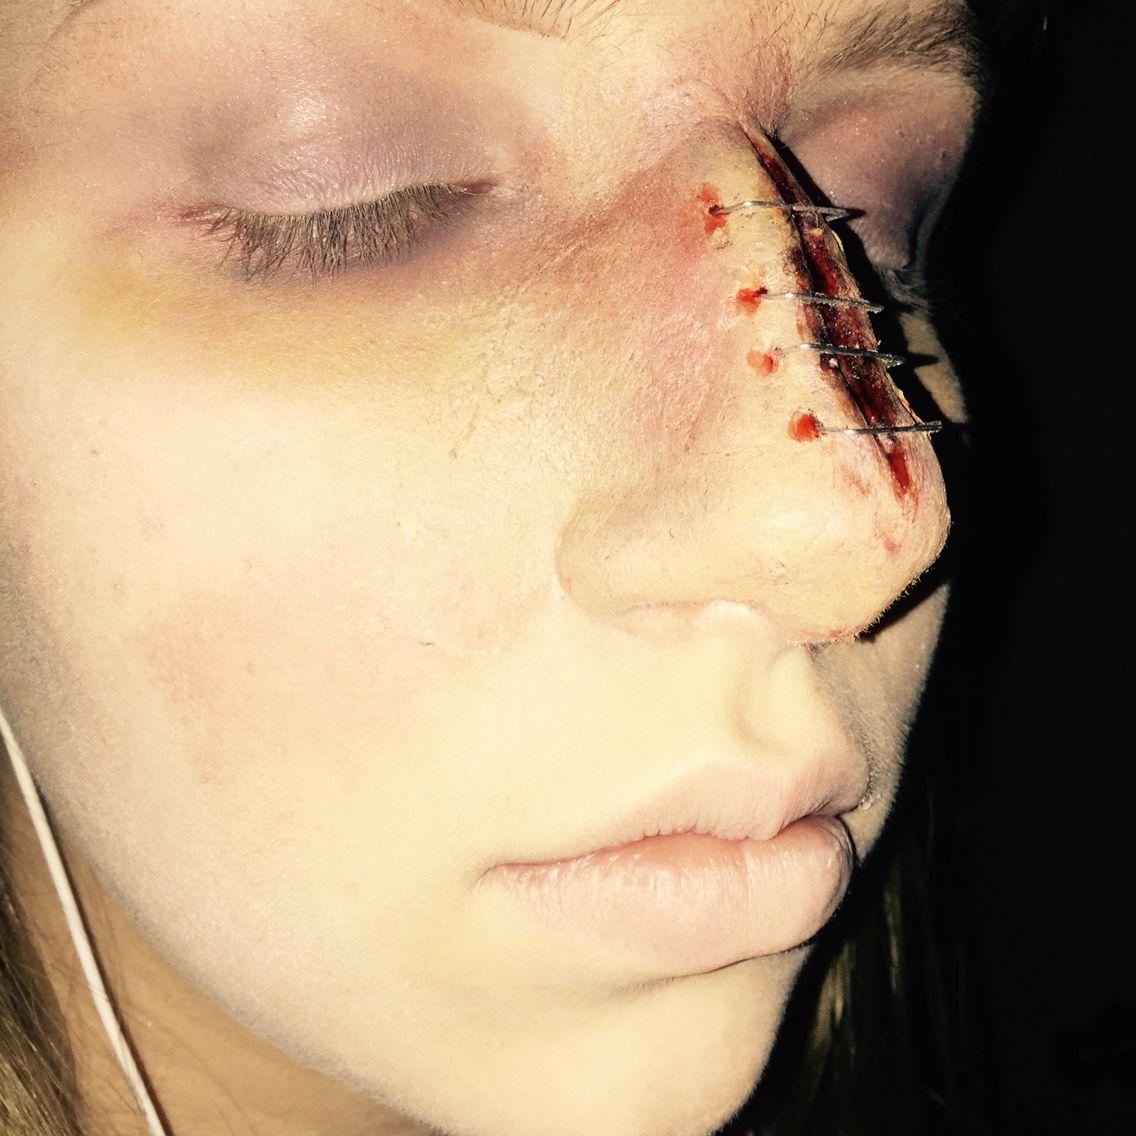 Split Nose With Images Creepy Makeup Nose Makeup Halloween